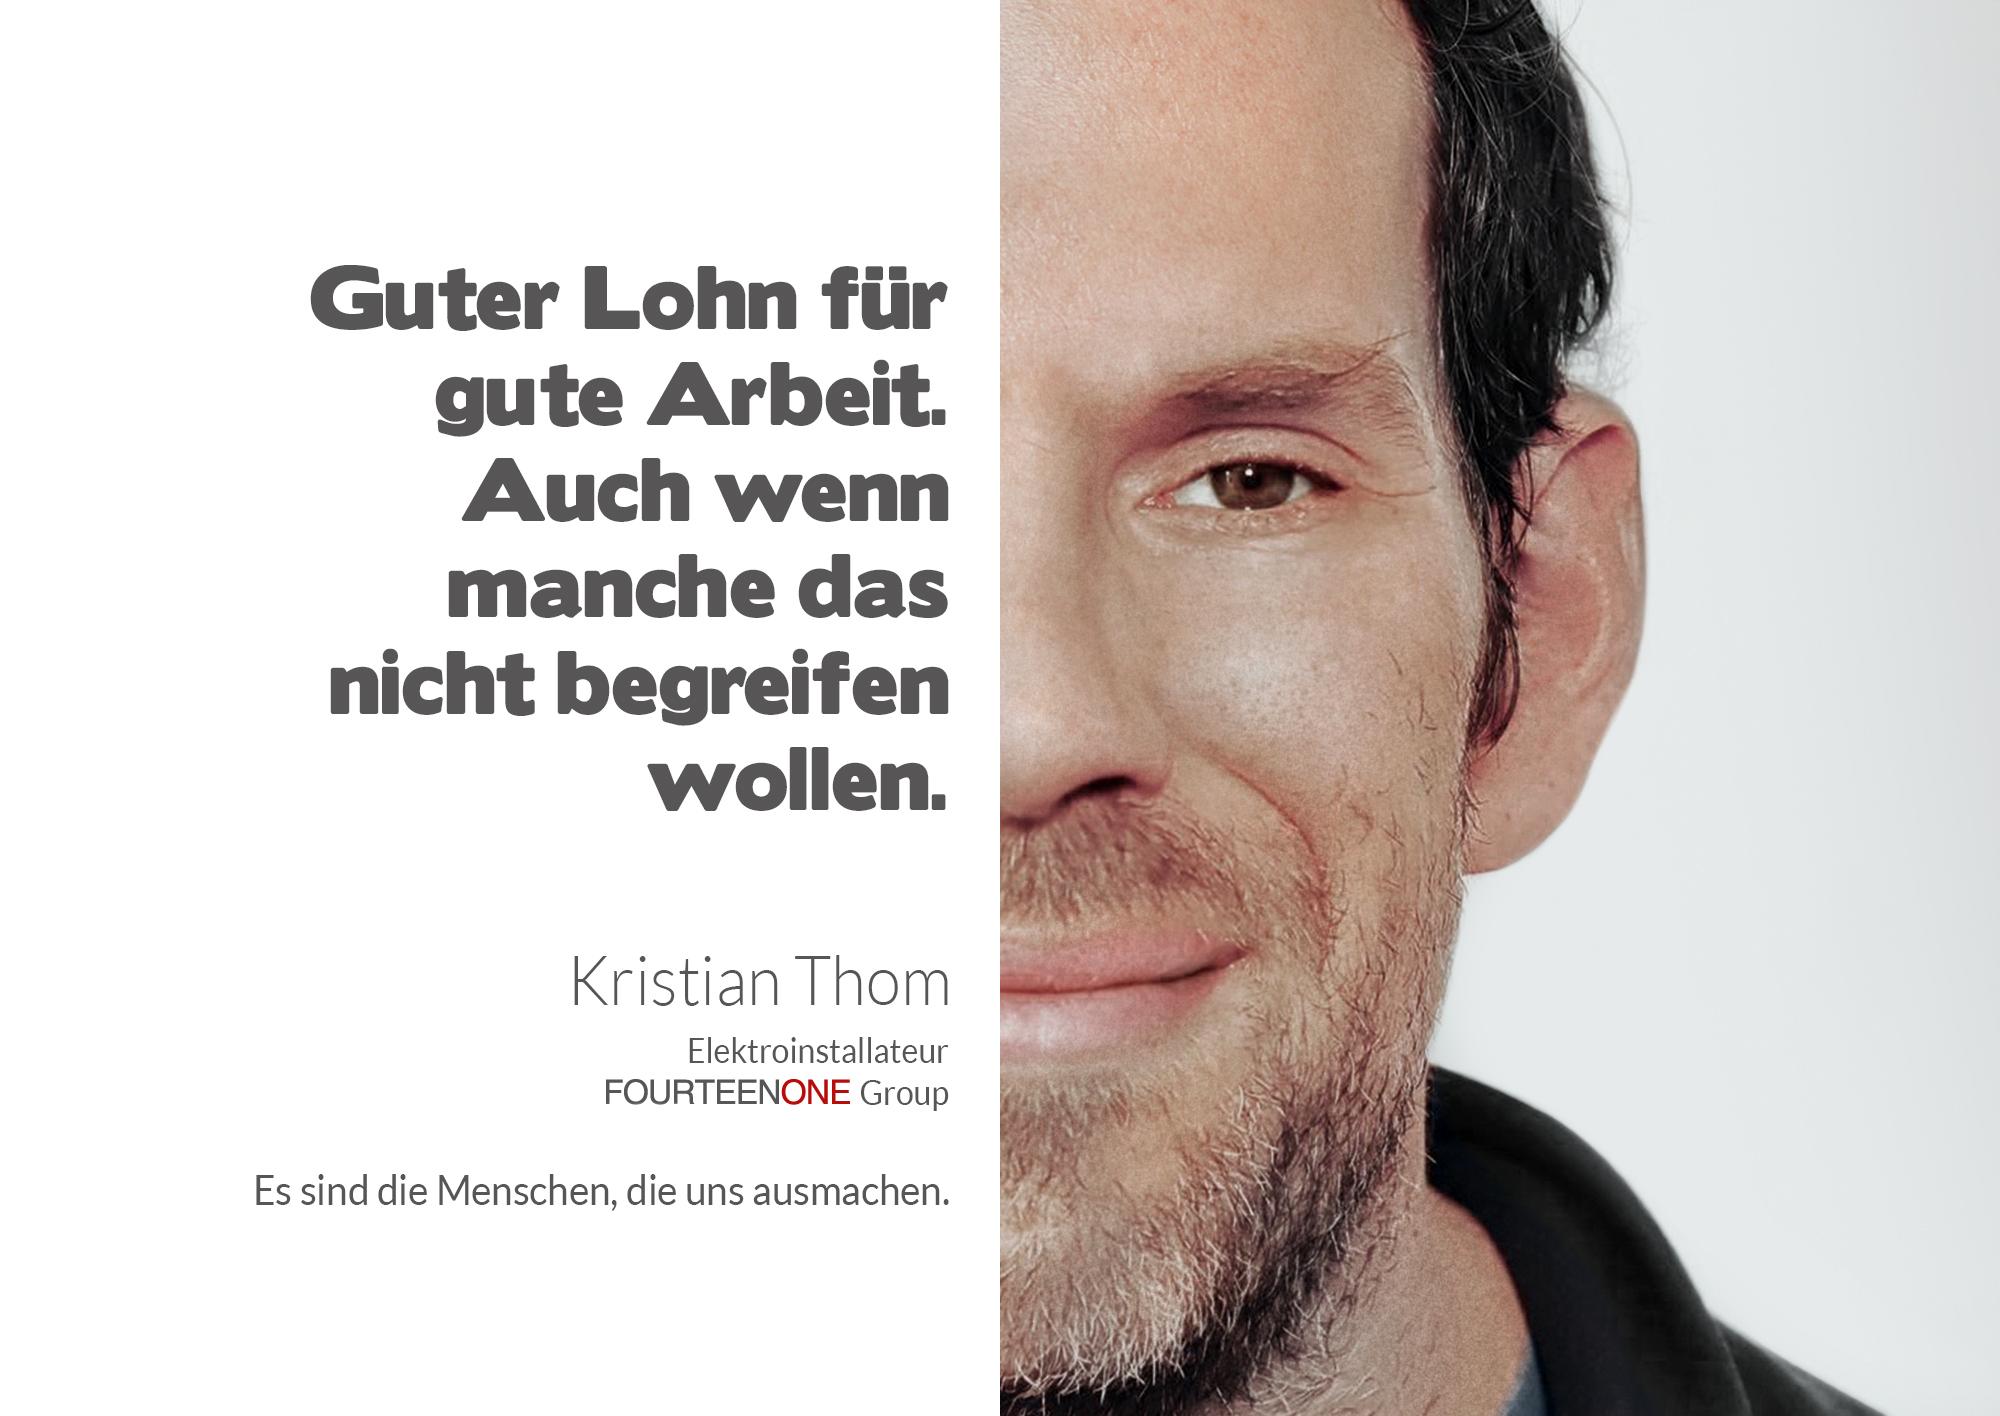 Kristian Thom - Gesichter der Fourteenone